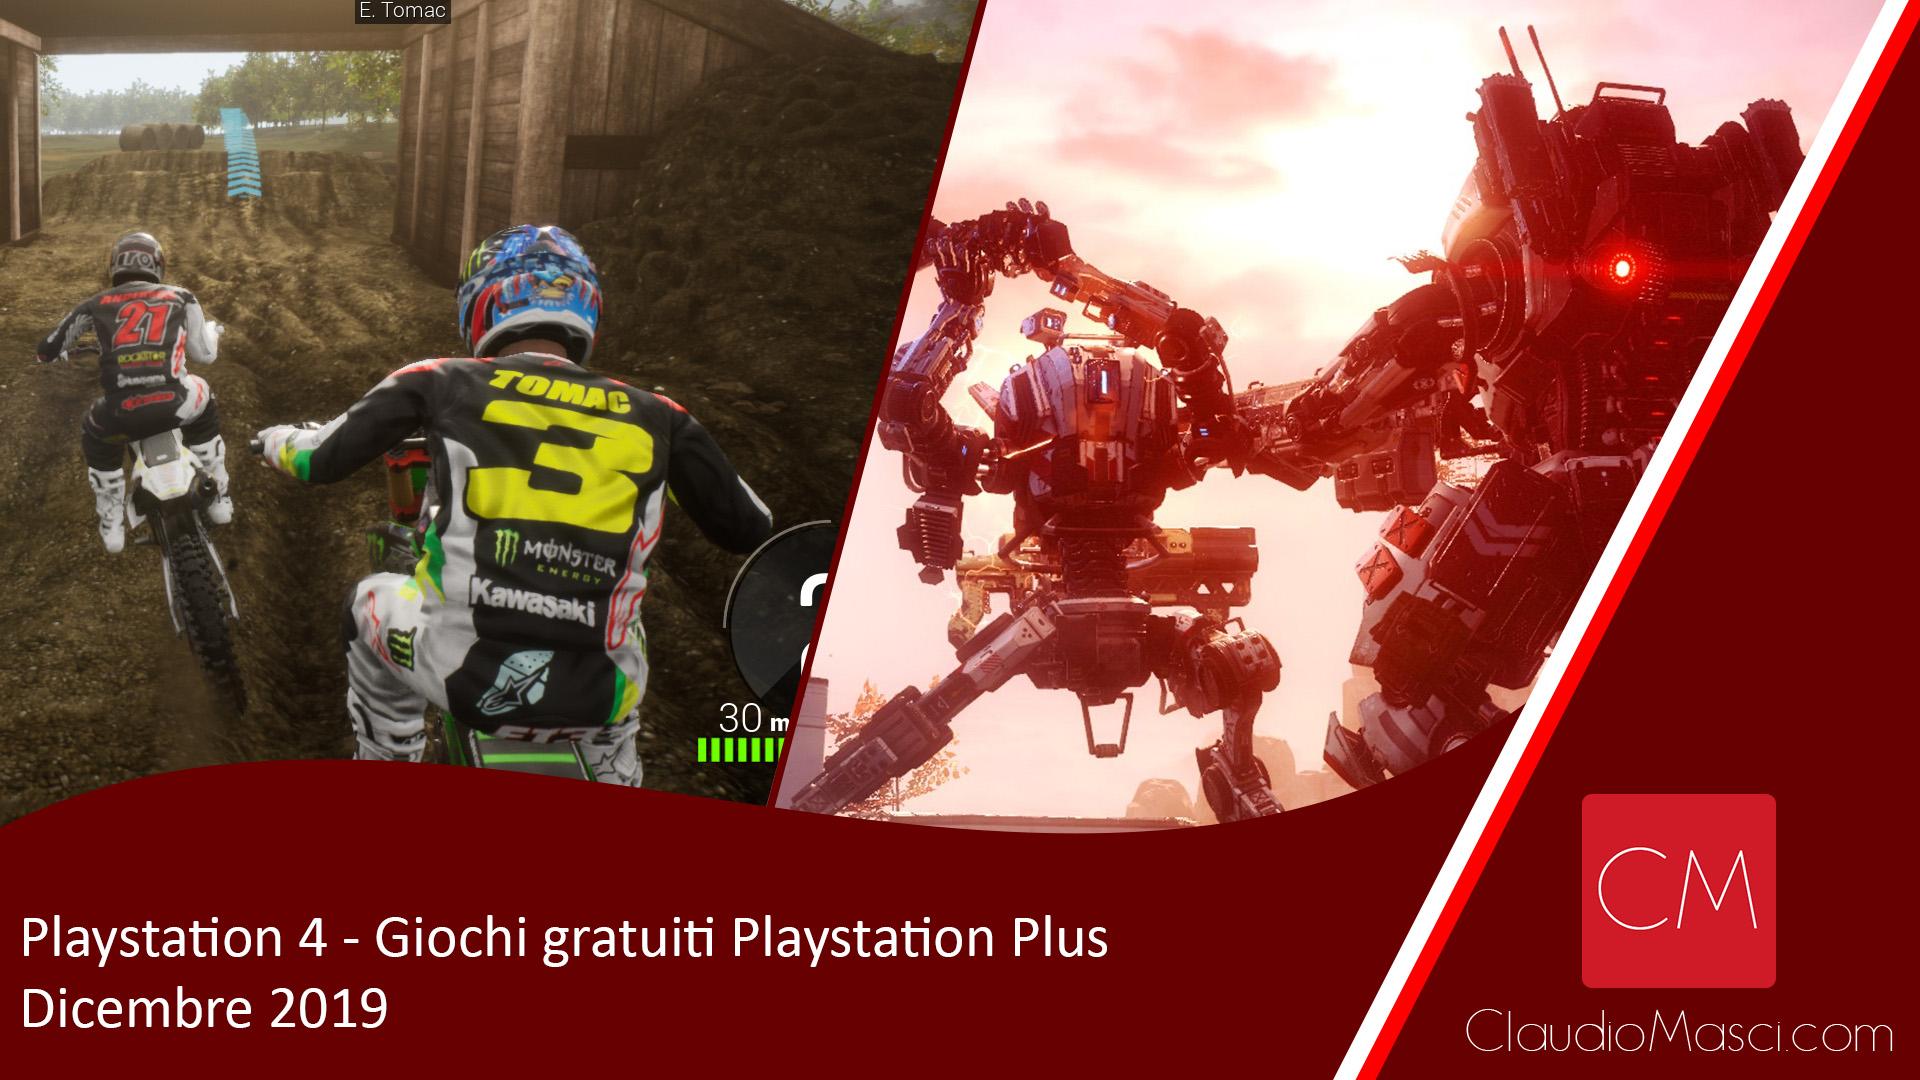 Giochi gratuiti Playstation Plus Dicembre 2019